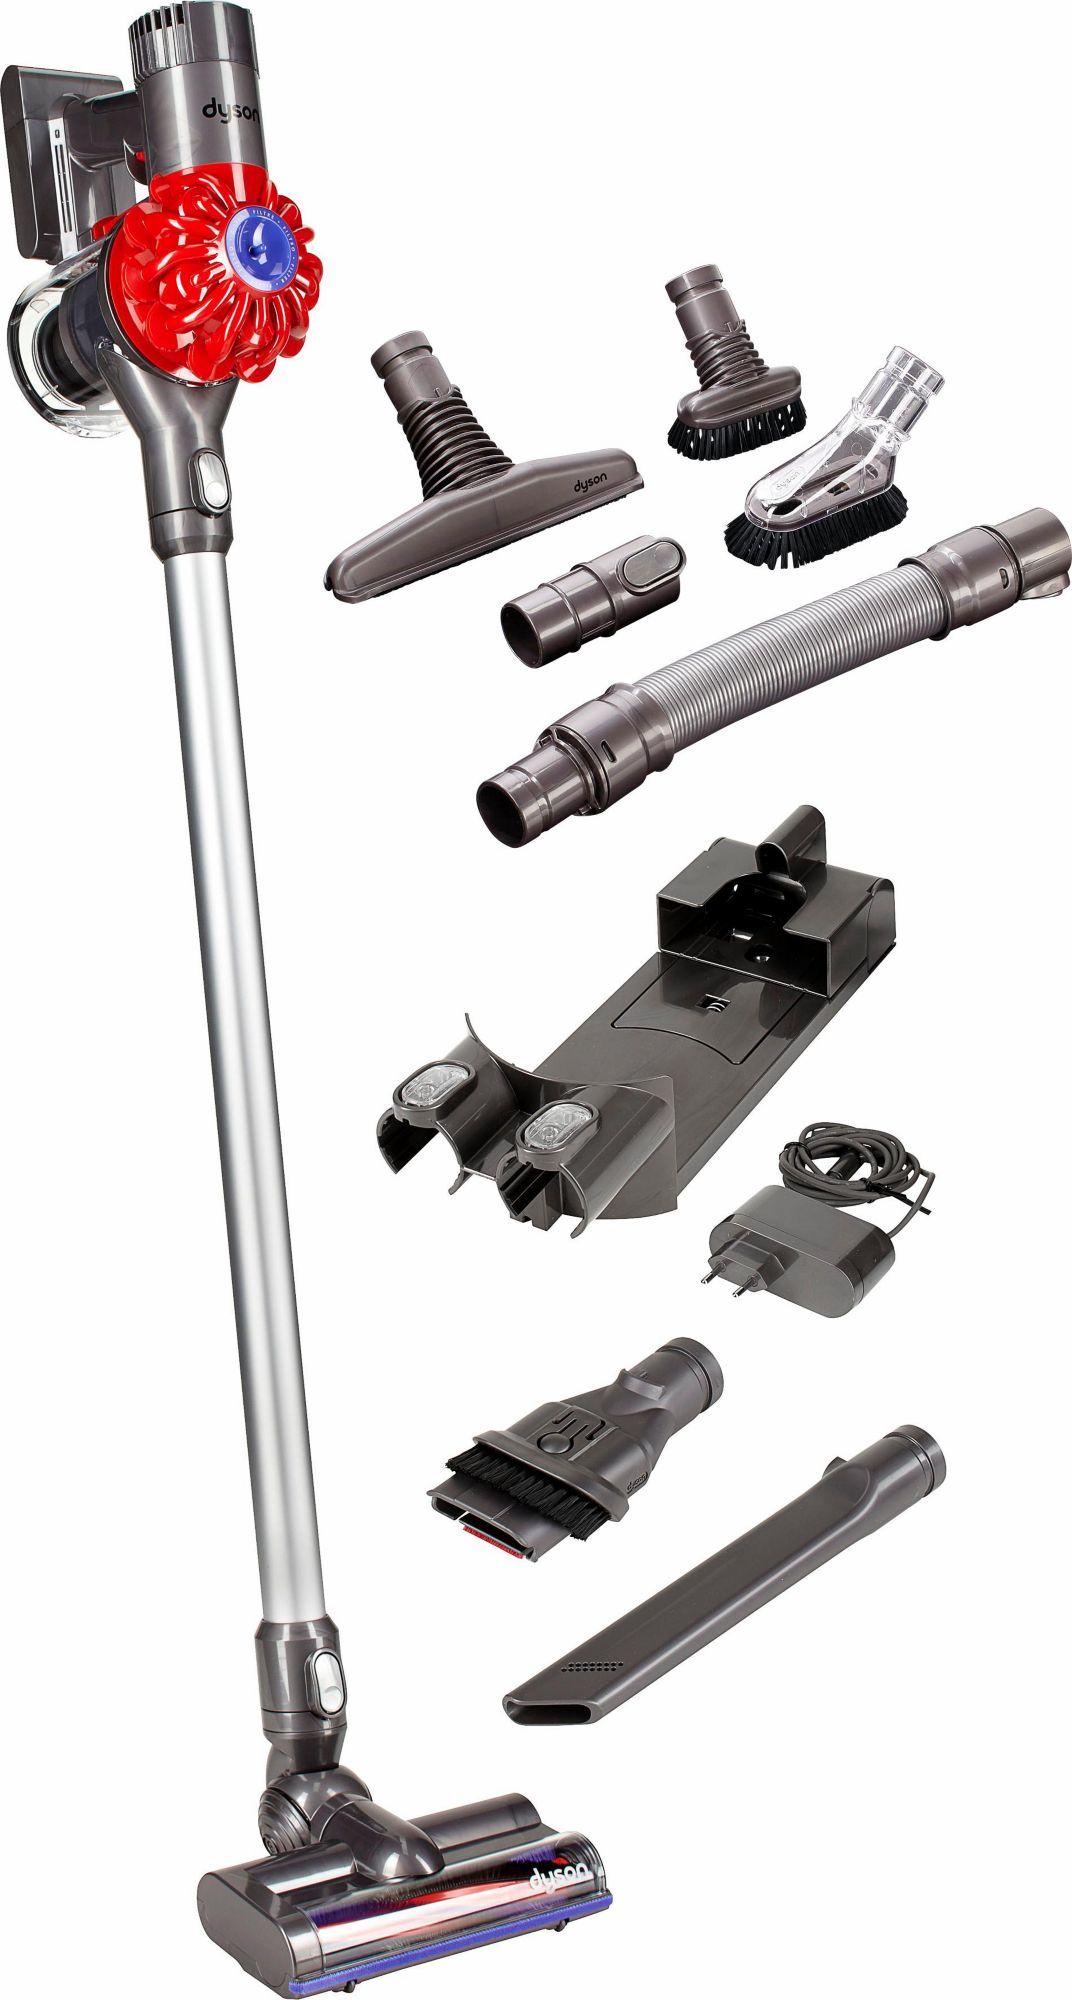 DYSON Dyson Akkusauger DC62 Full Kit (DC62 + Akkusauger-Set), beutellos, iron-rot